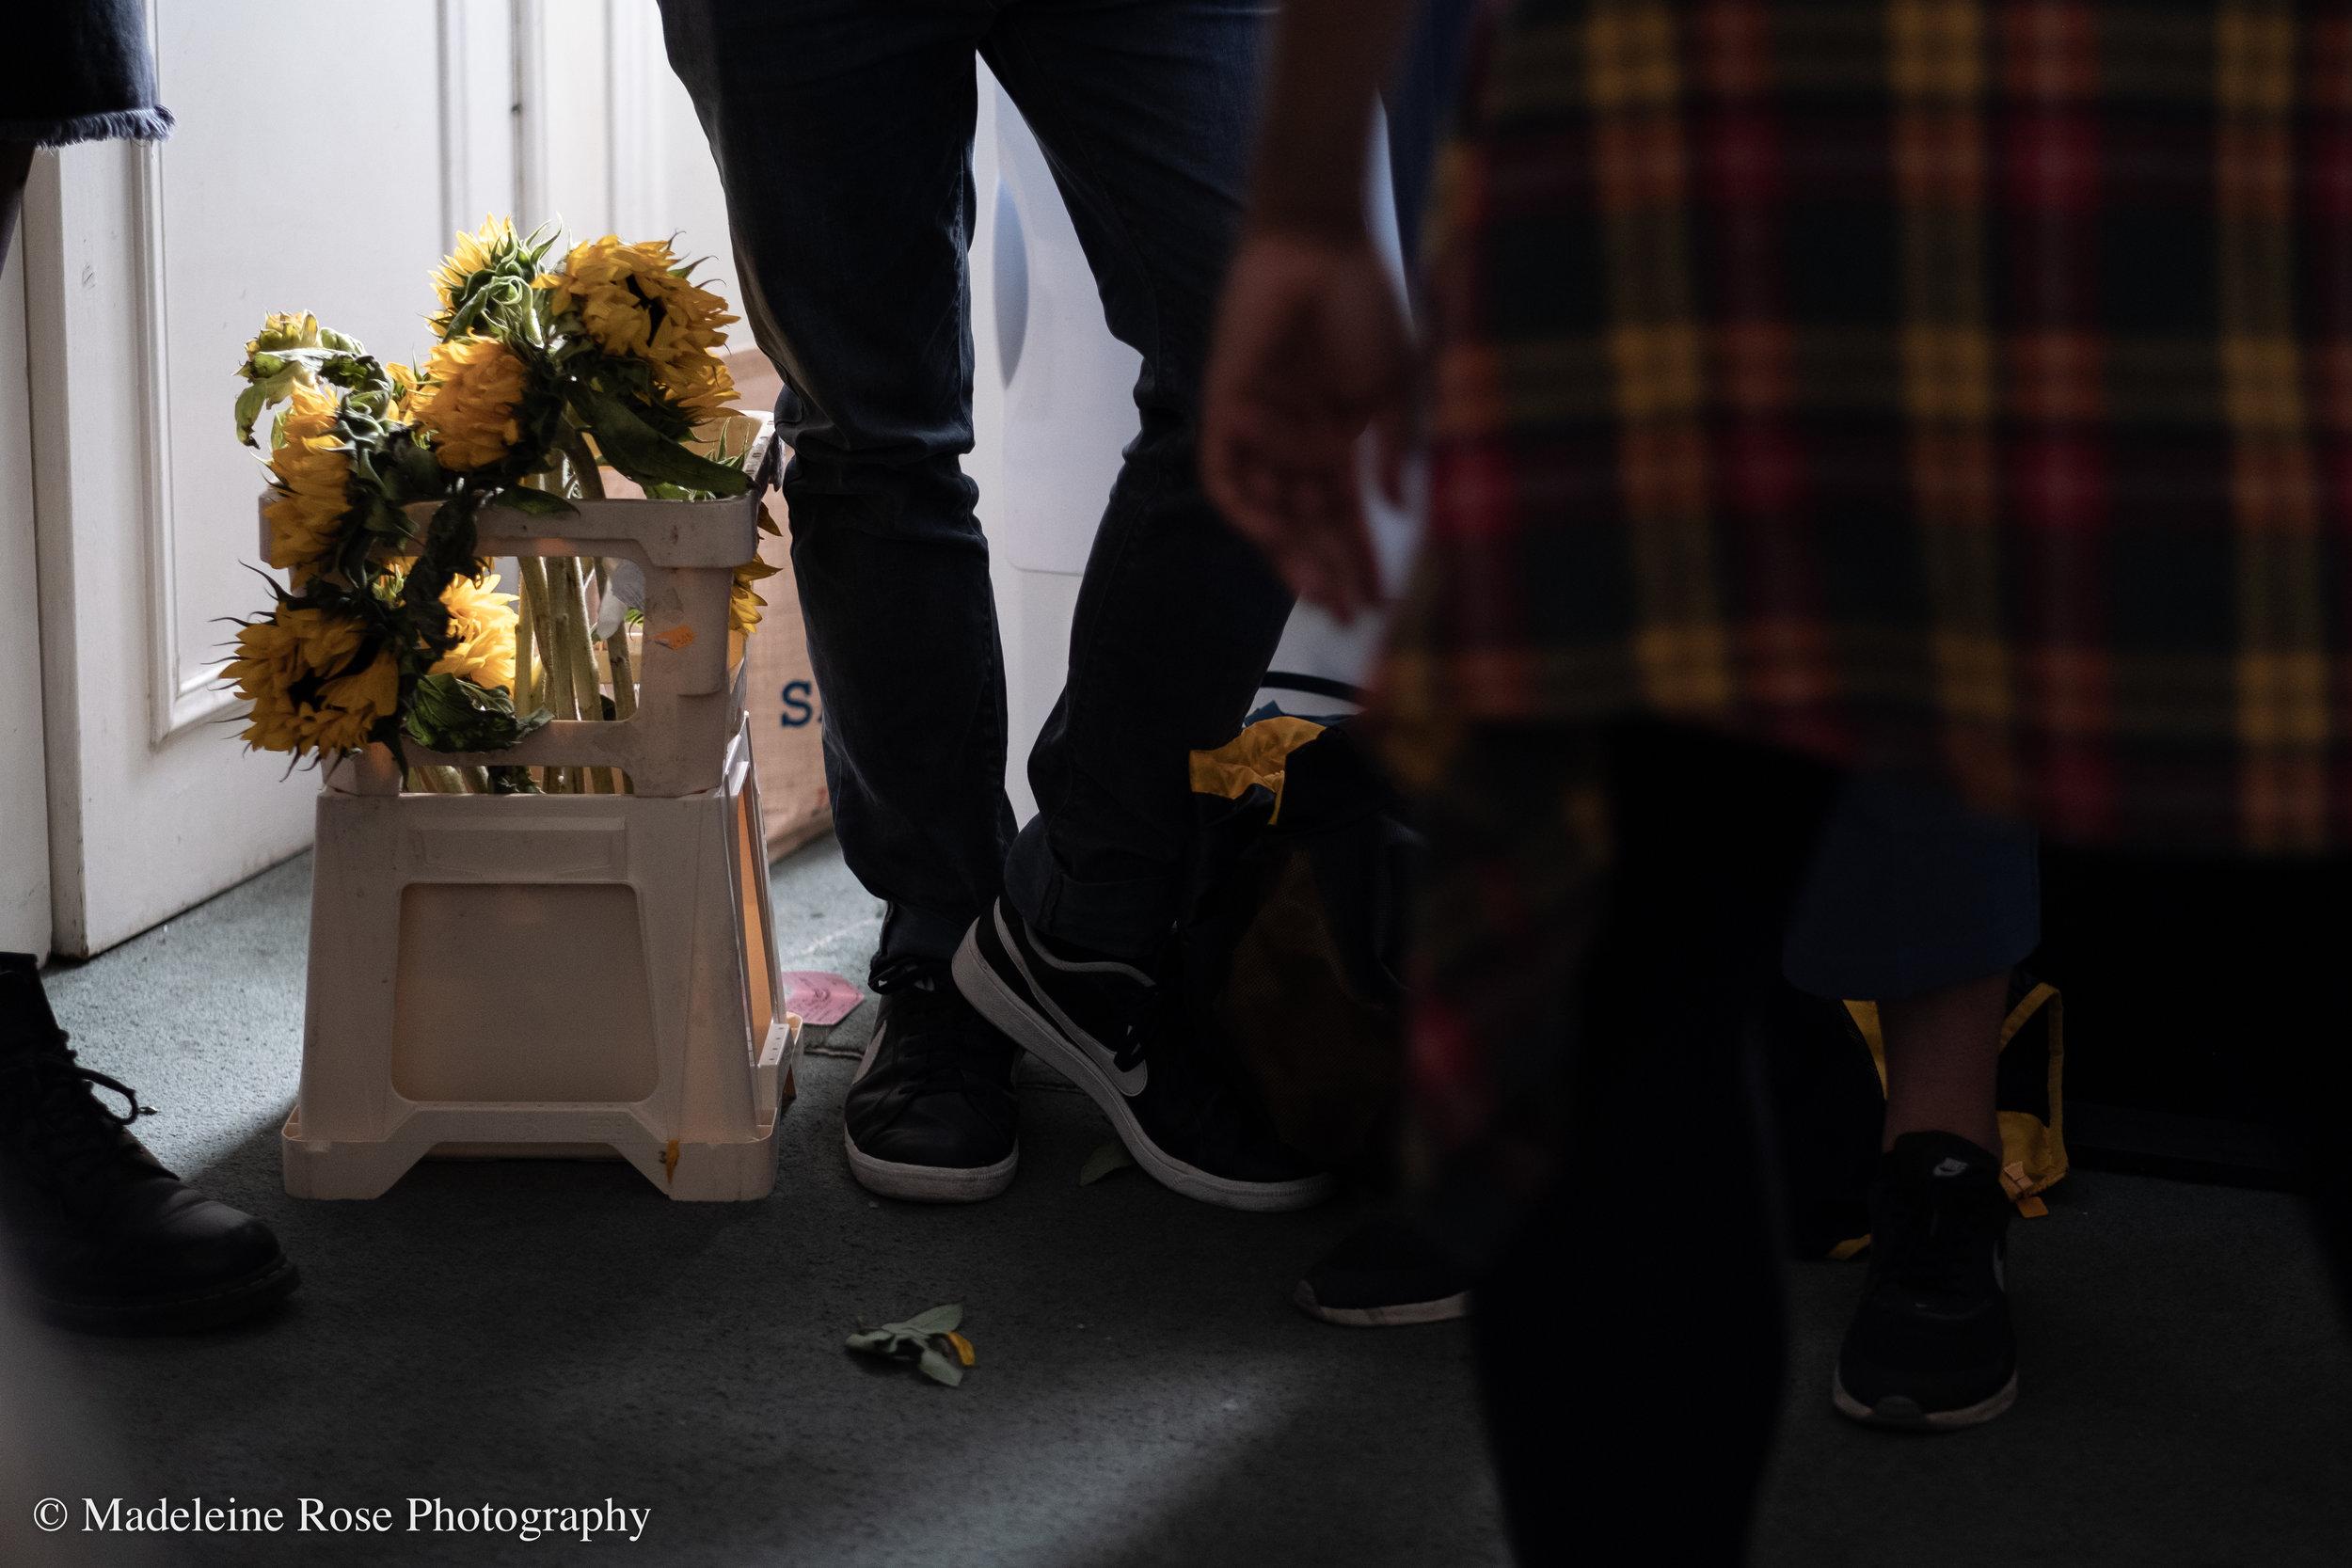 180811_EF_funeralflowers-15.jpg